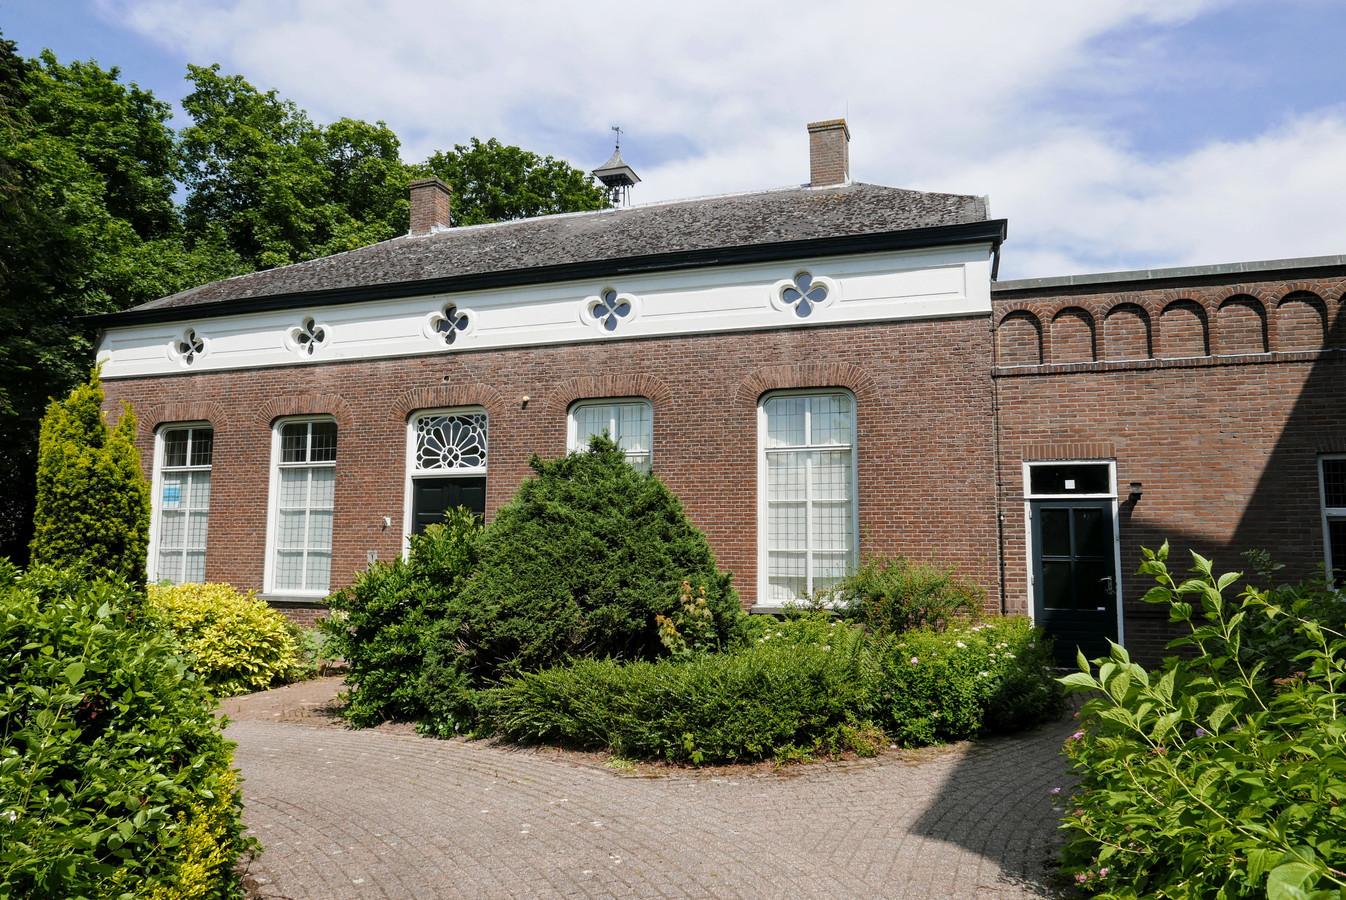 Te koop voor 595.000 euro, de pastorie aan de Dorpsstraat in Esch